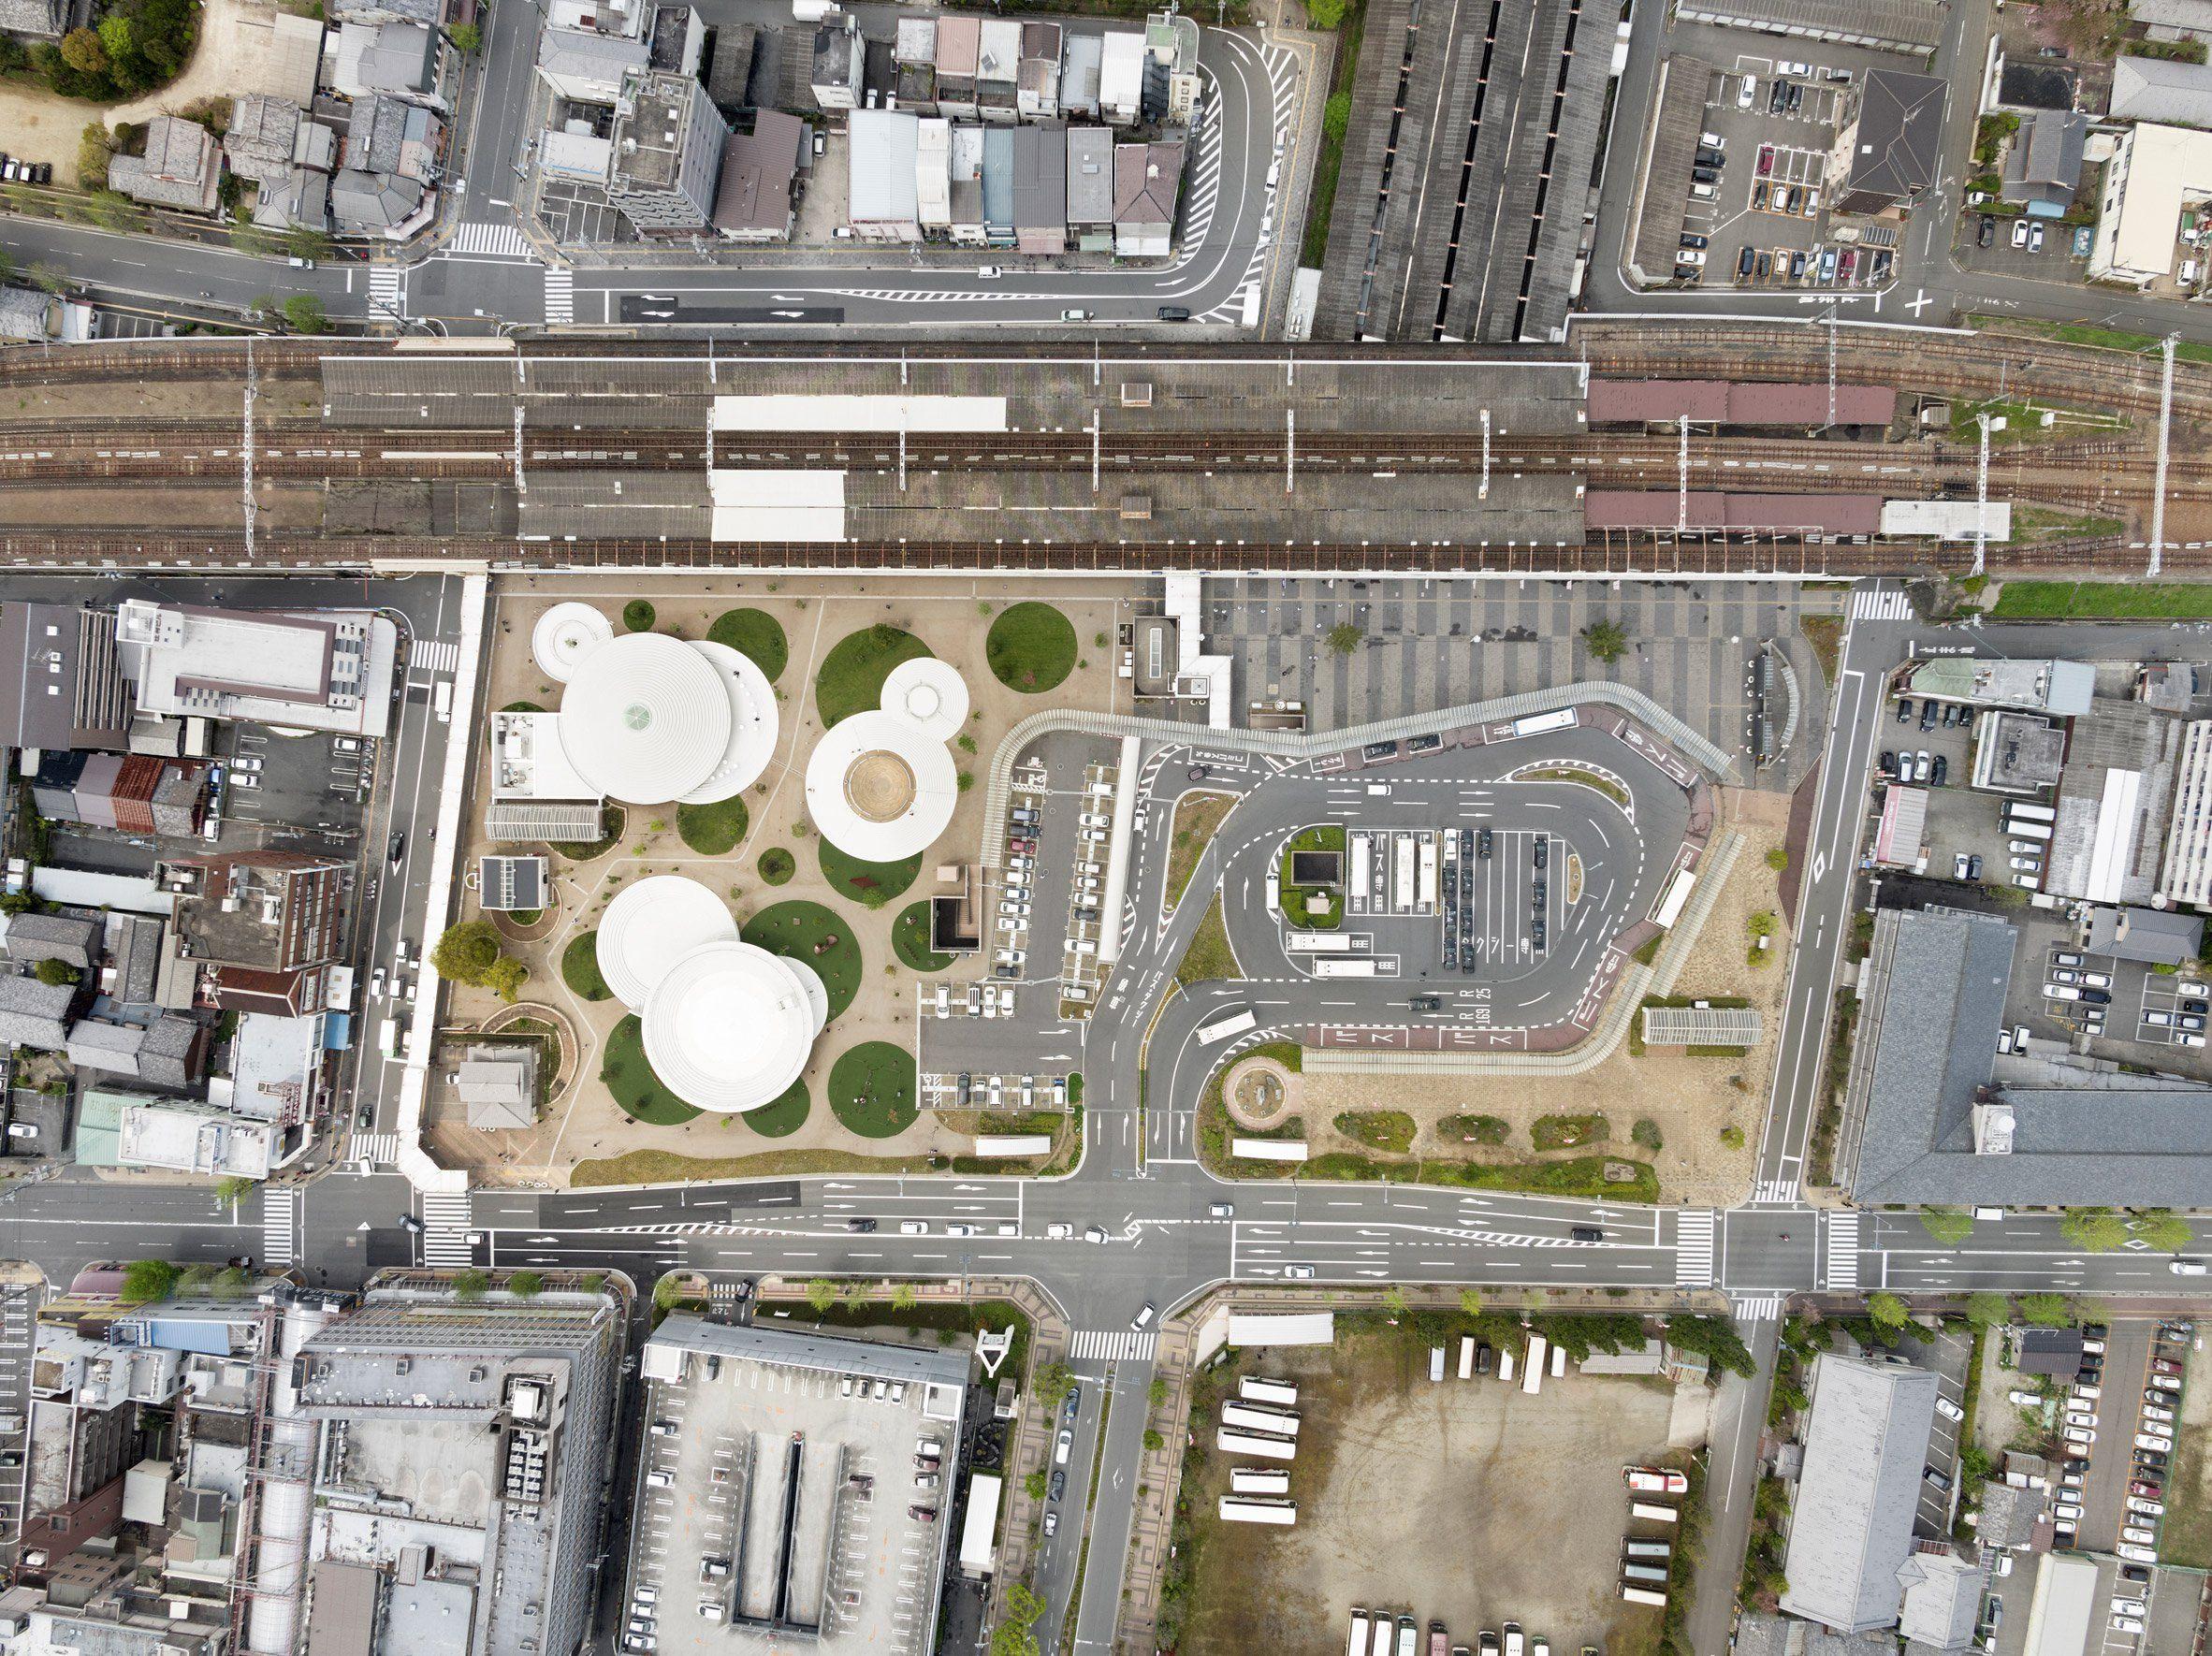 Prolific Japanese Design Studio Nendo Has Now Moved Into Urban Design,  Unveiling Its Massive CoFuFun Plaza Near Kyoto.